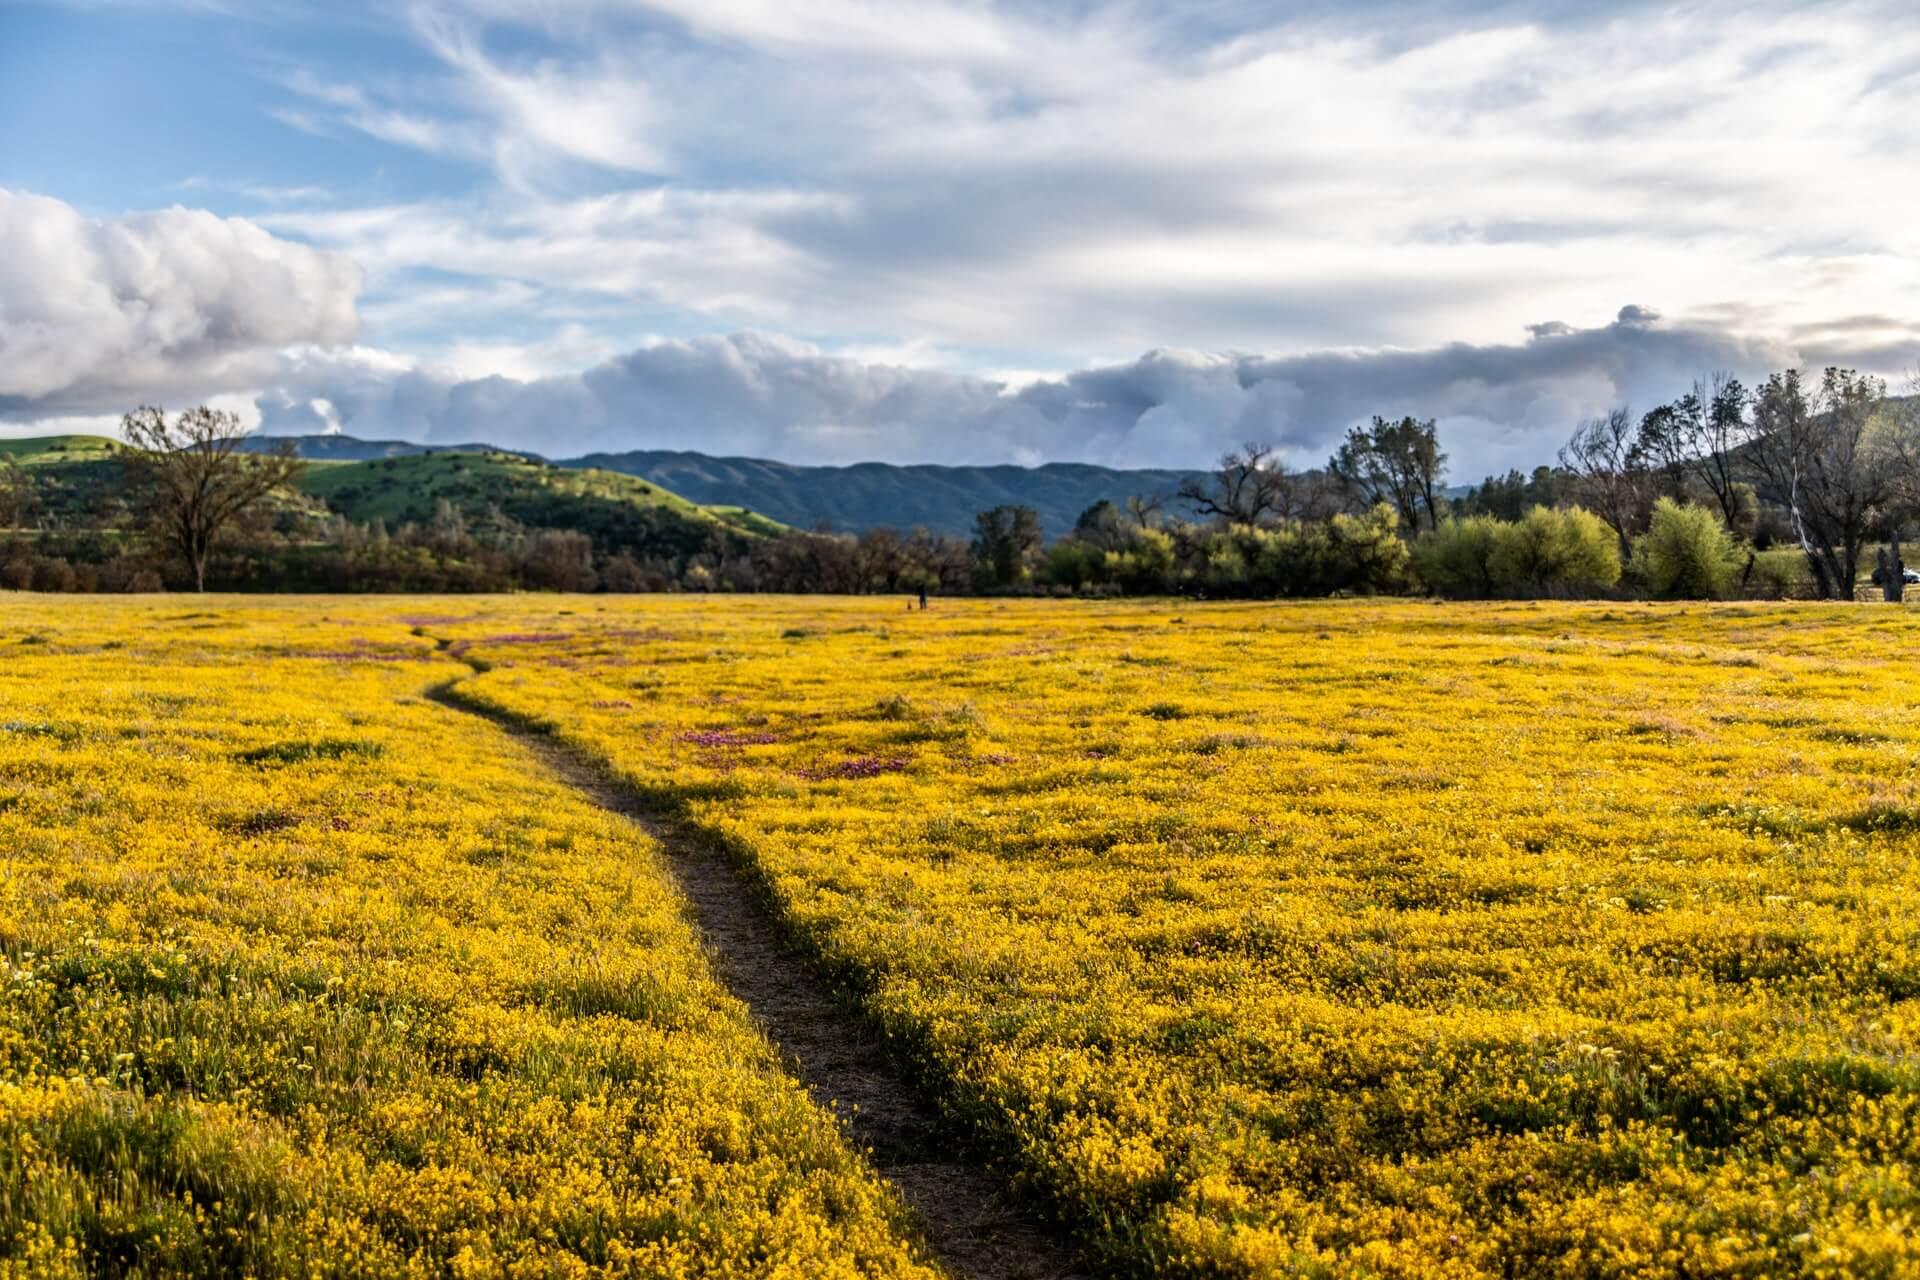 Picture for san luis obispo county